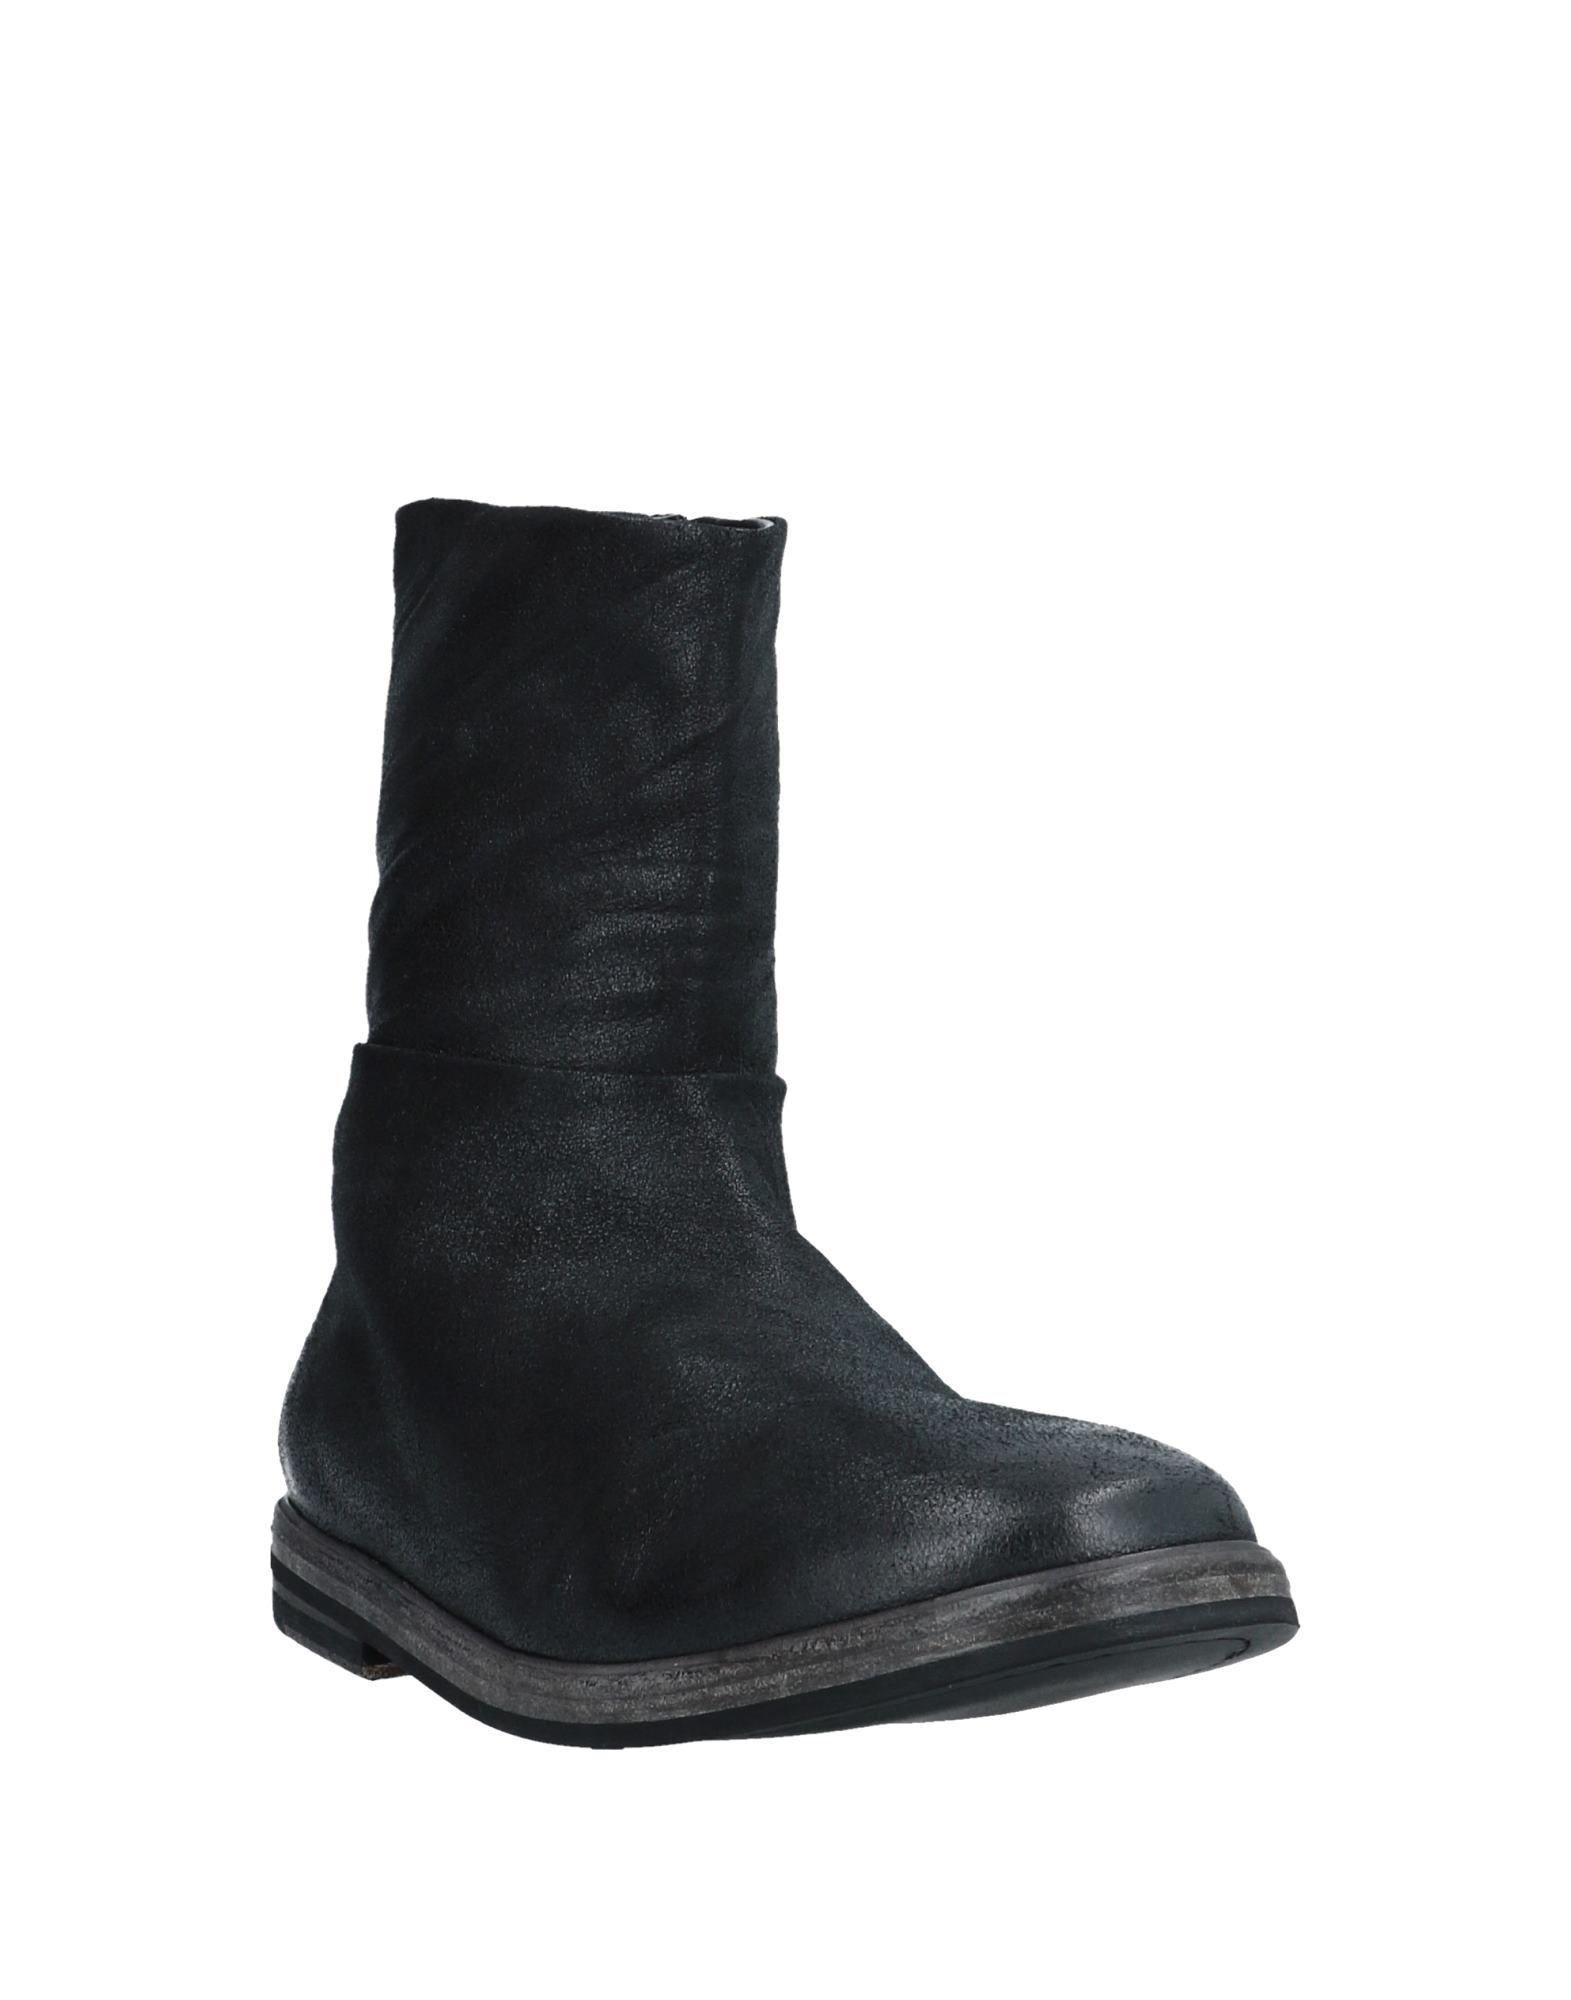 Rundholz Stiefelette strapazierfähige Damen  11545609ADGut aussehende strapazierfähige Stiefelette Schuhe 1b7938